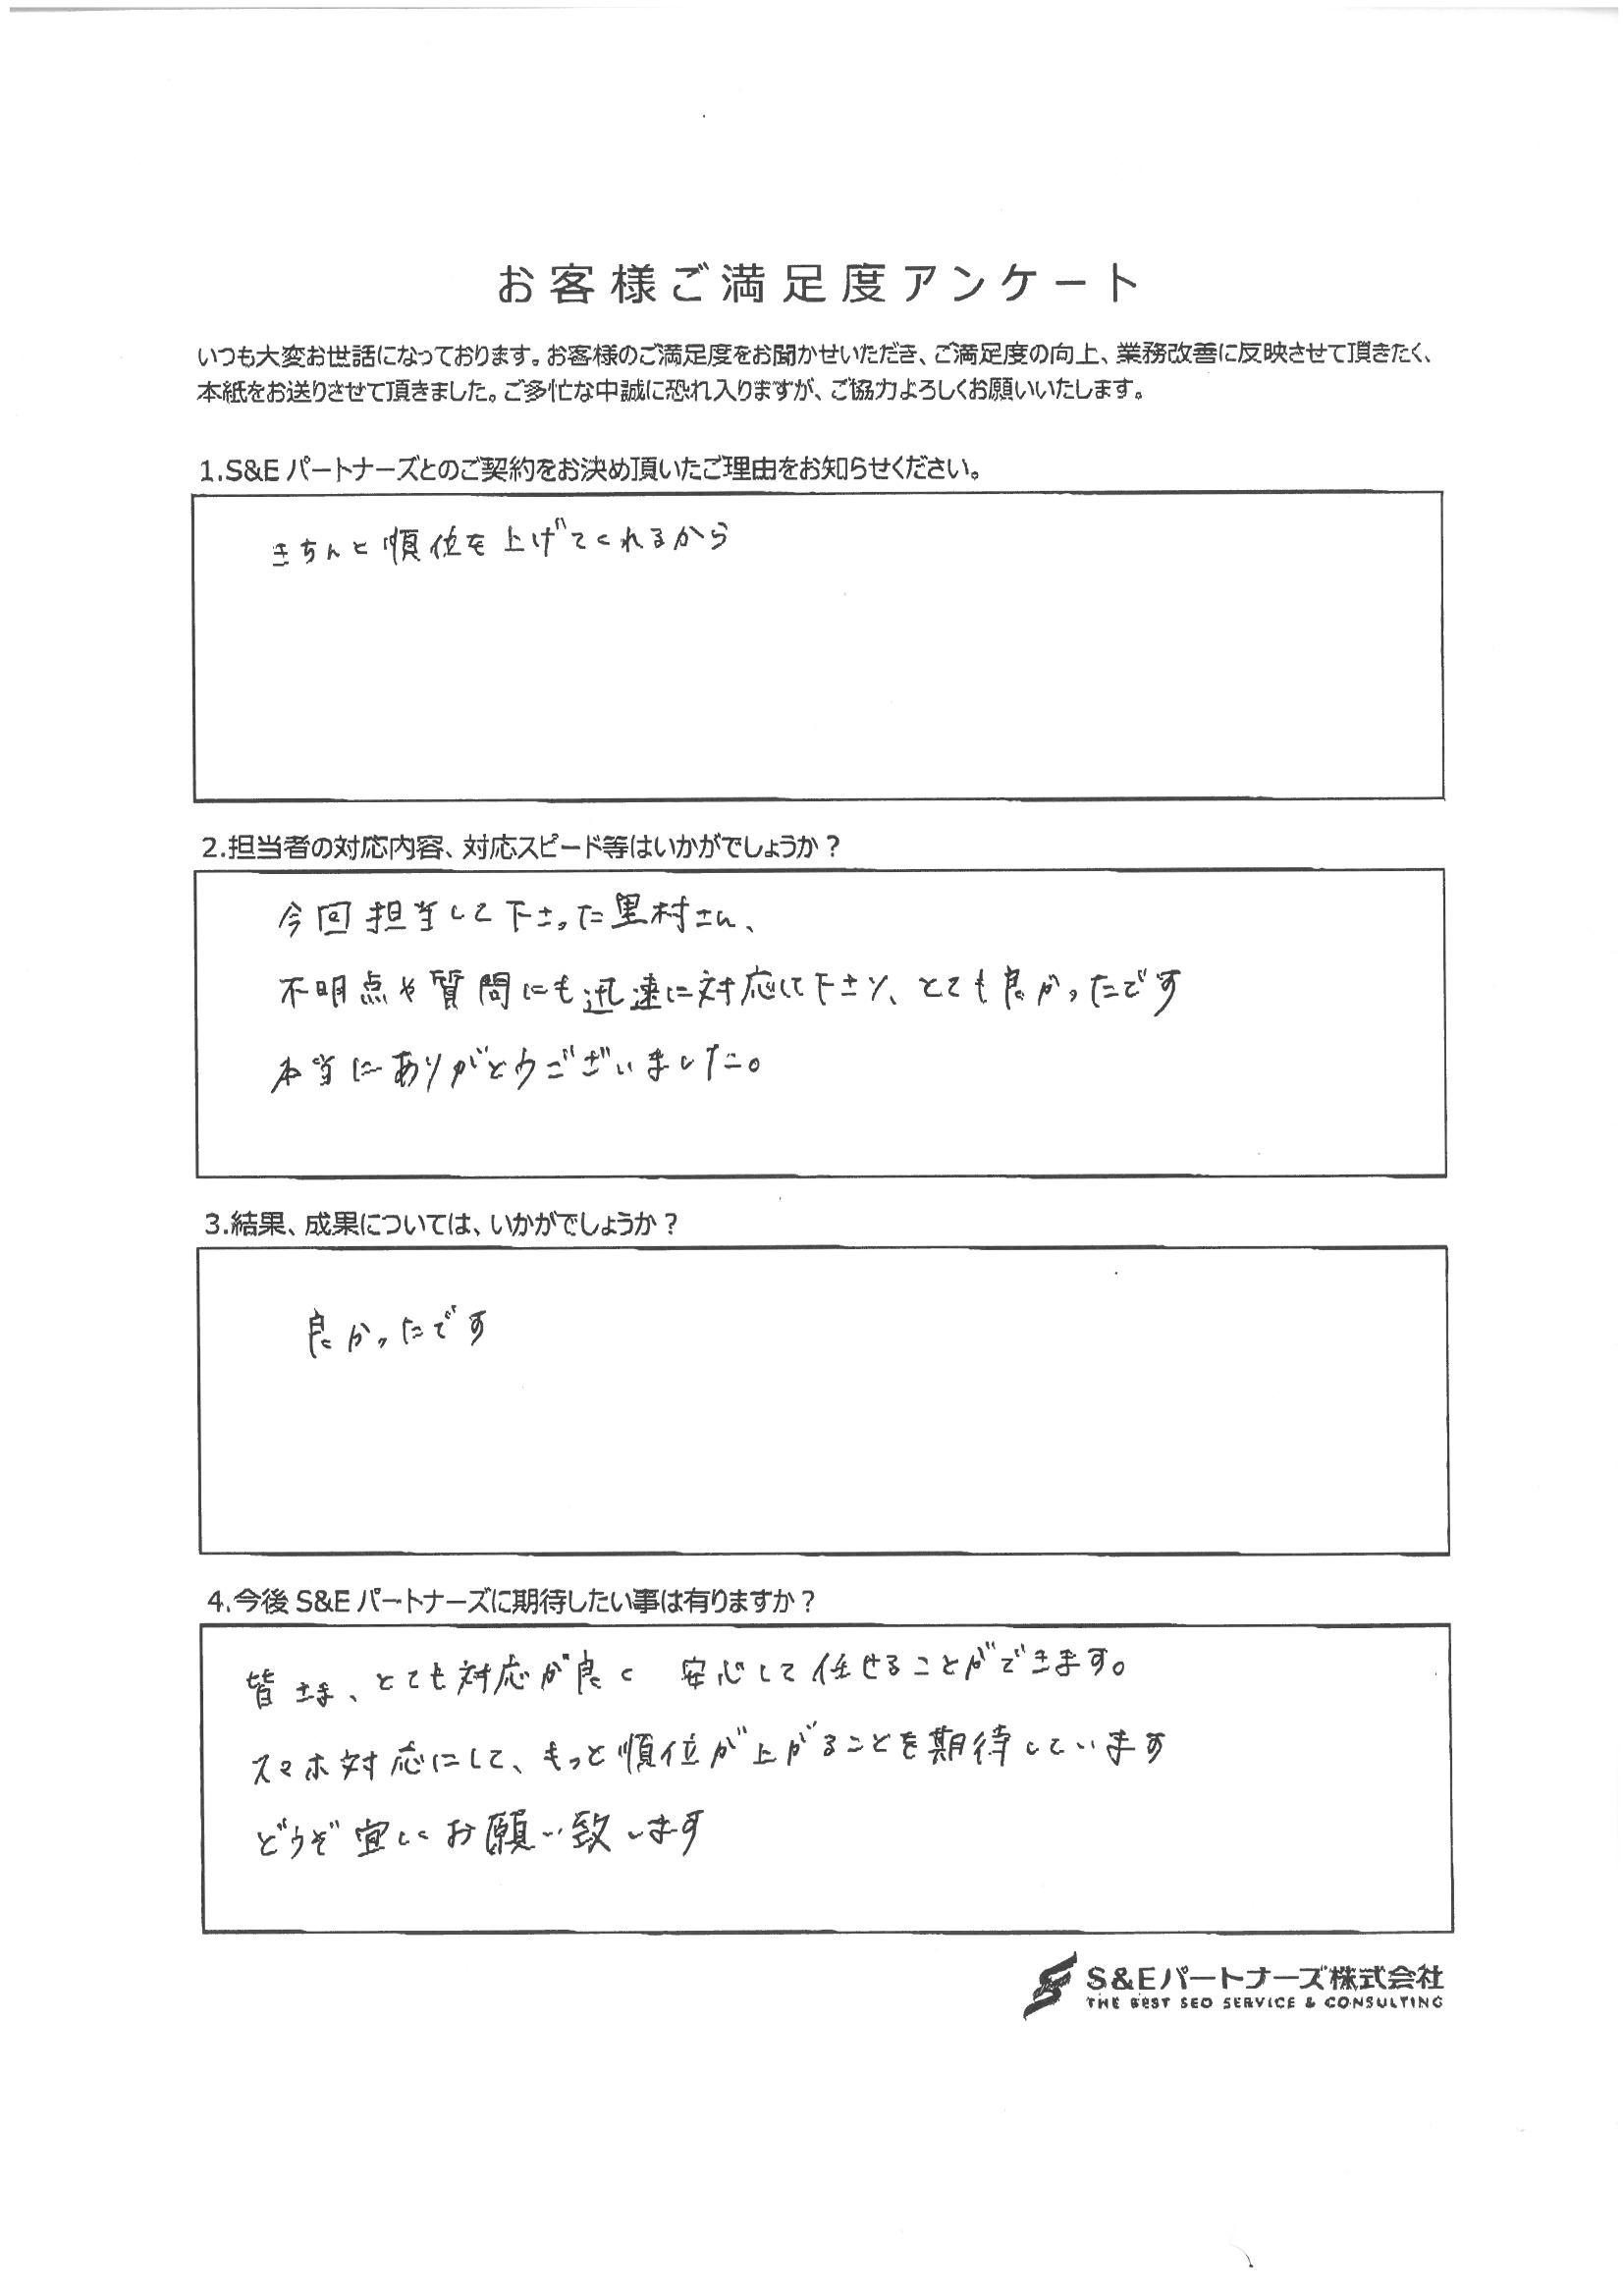 【SEO対策お客様の声】大阪で防水工事・雨漏り修理をされているお客様